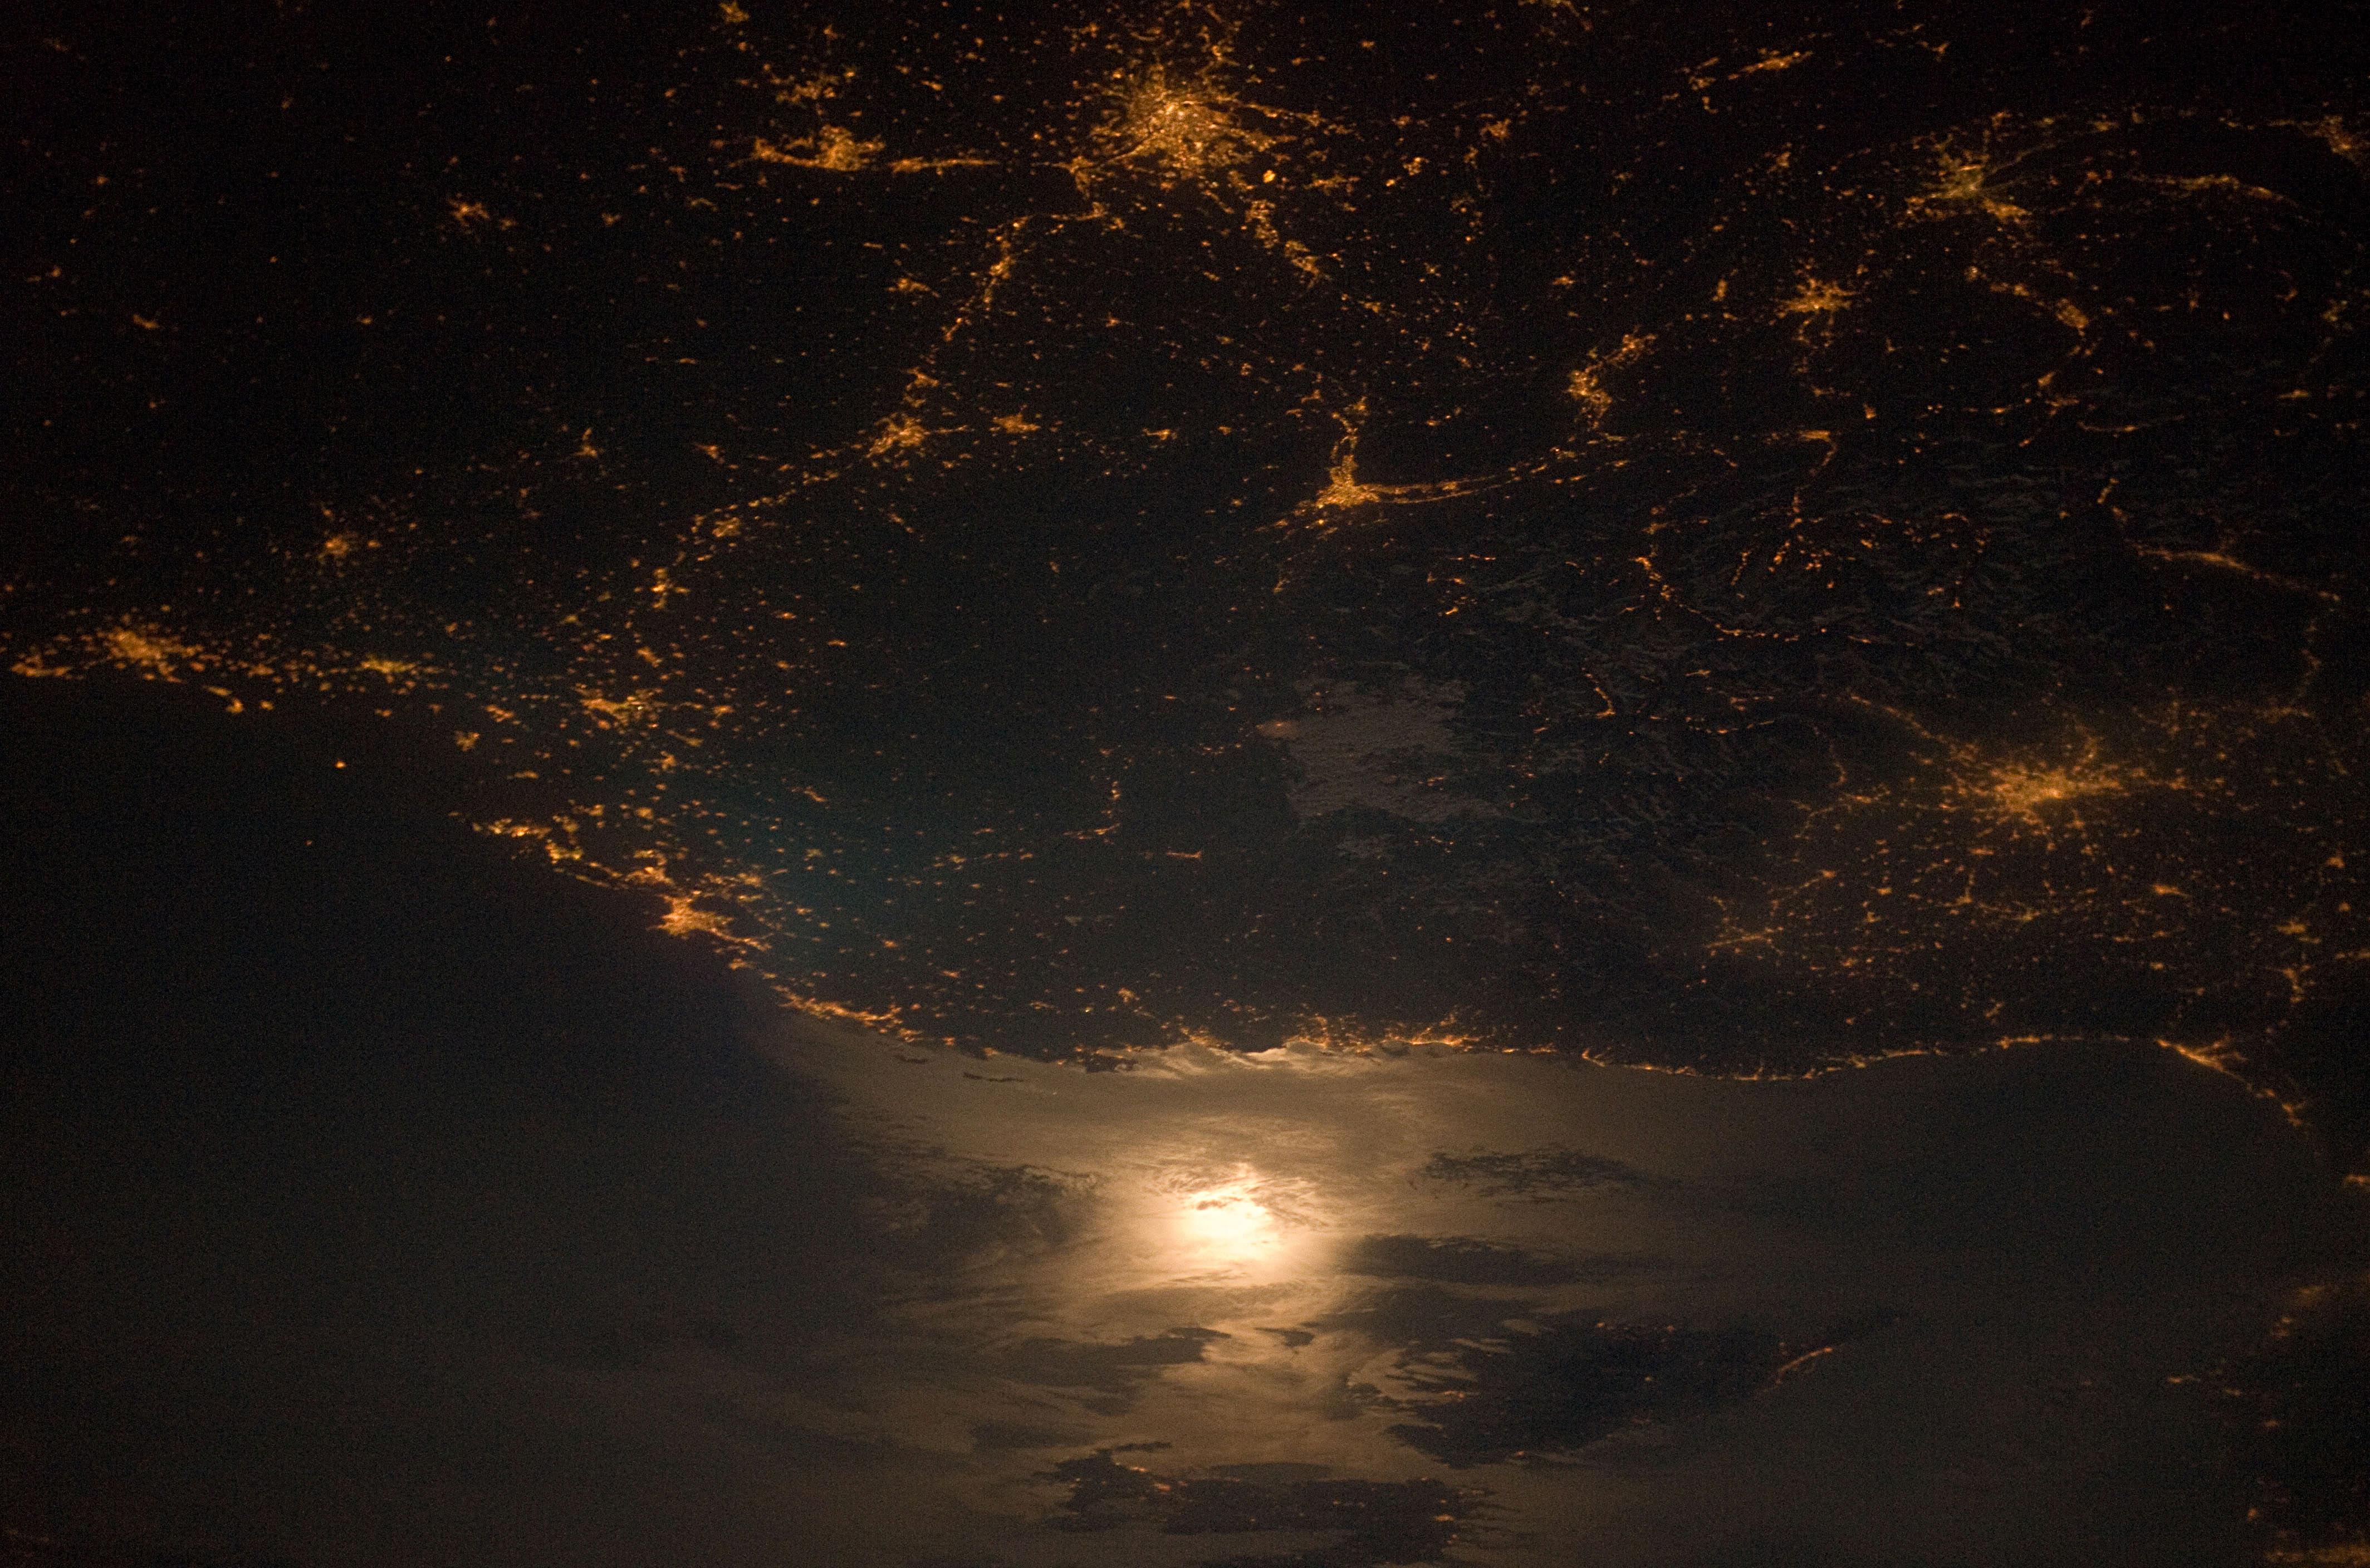 nasa earth night lights hawaii - photo #7